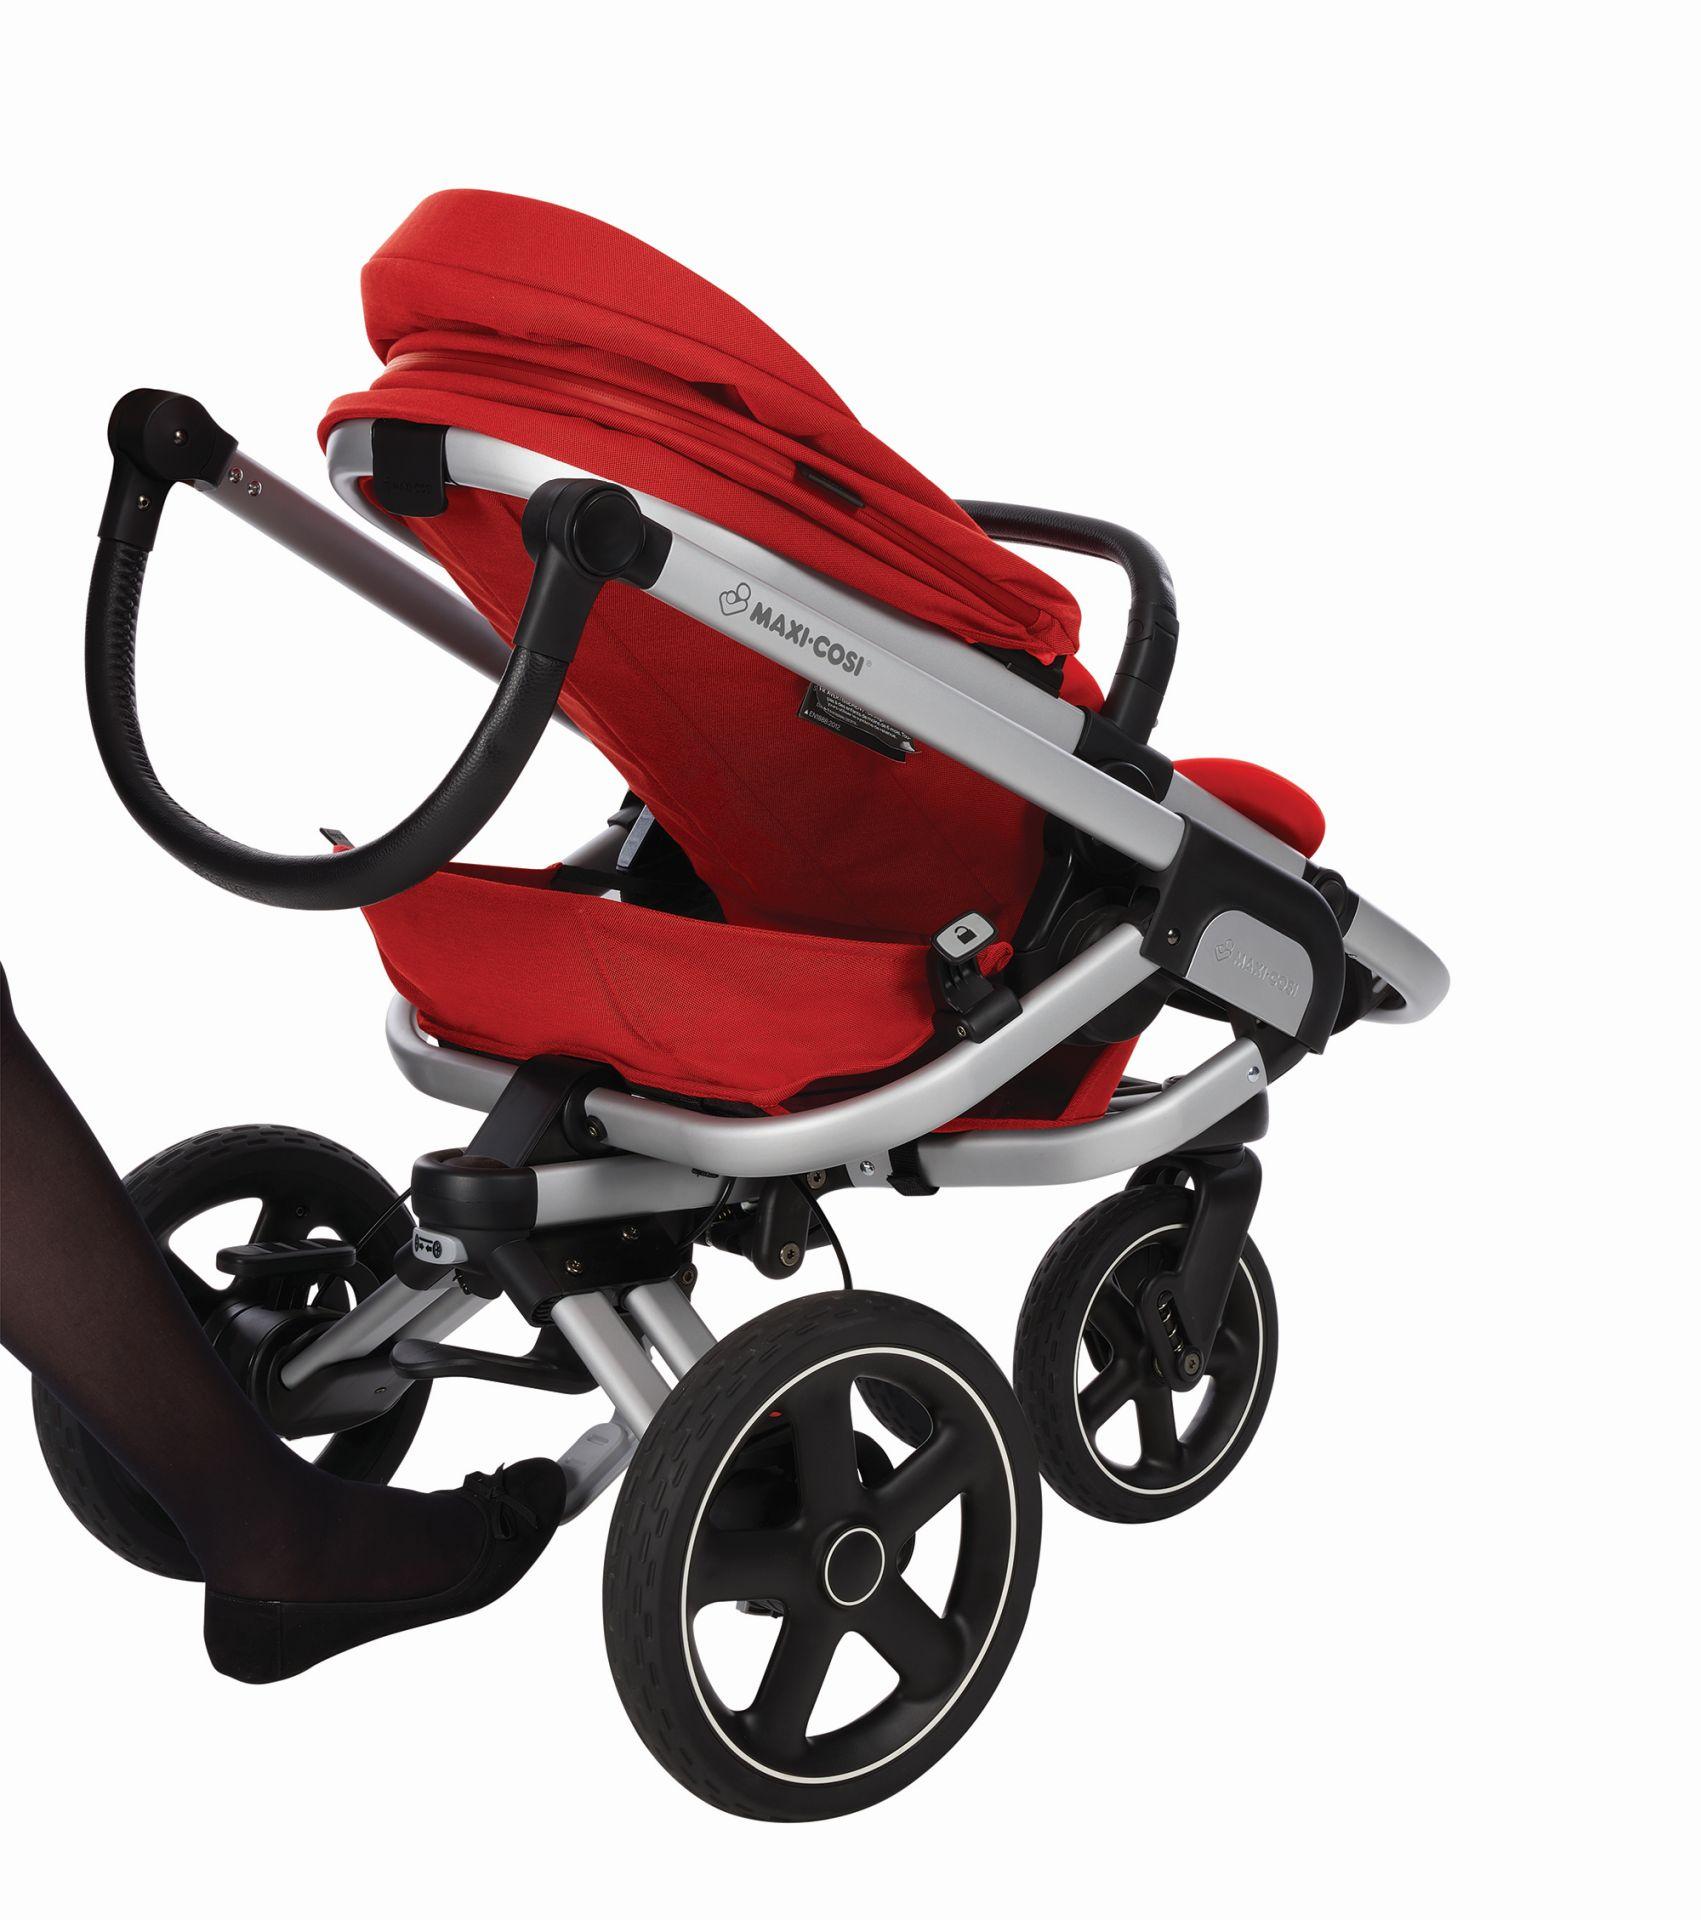 poussette maxi cosi nova 3 roues acheter sur kidsroom poussettes. Black Bedroom Furniture Sets. Home Design Ideas